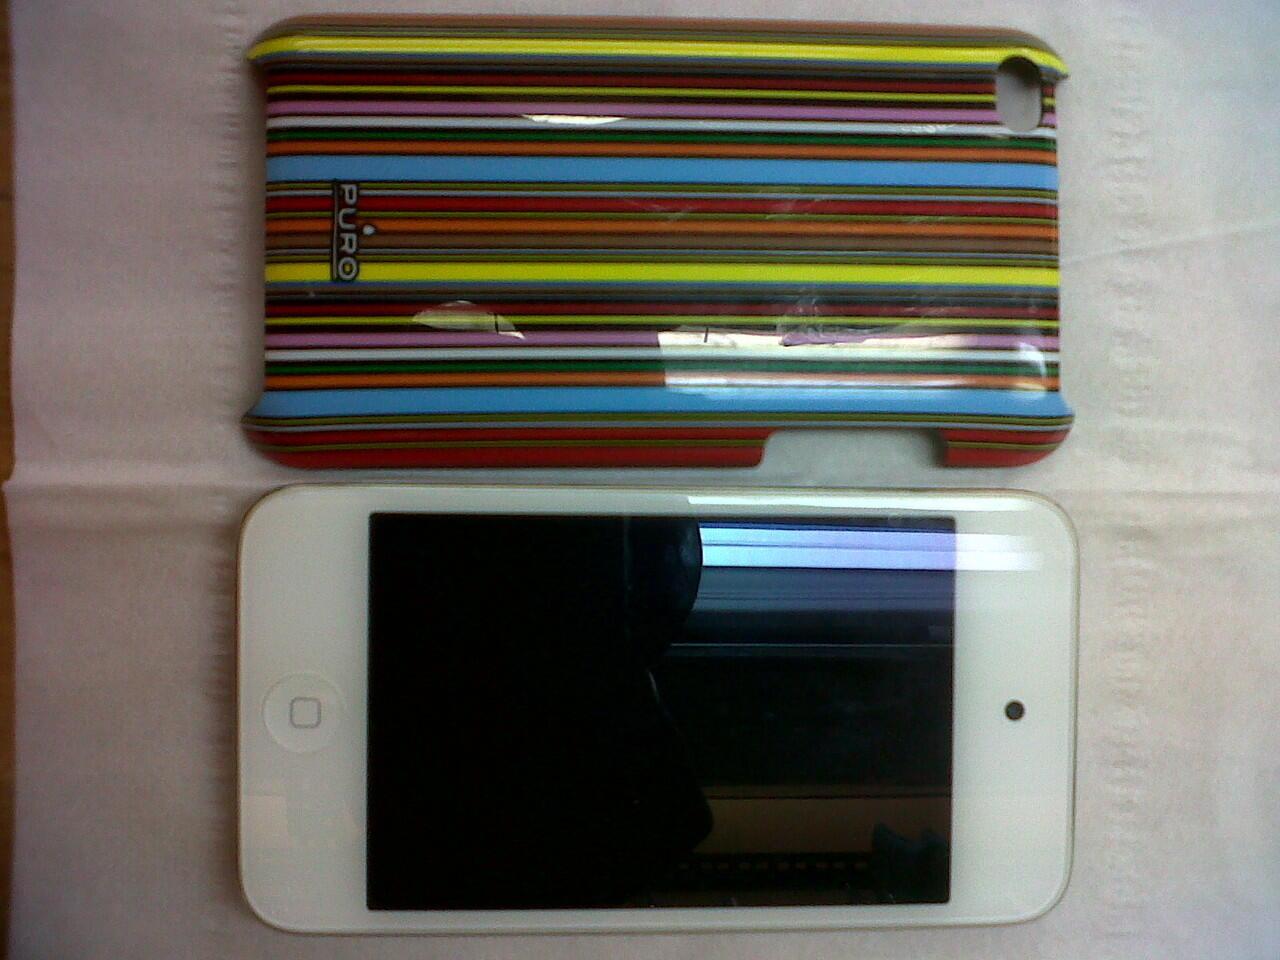 Jual ipod touch 4th 8GB white baru 1 bulan pakai, masi ada garansi, kondisi 98%